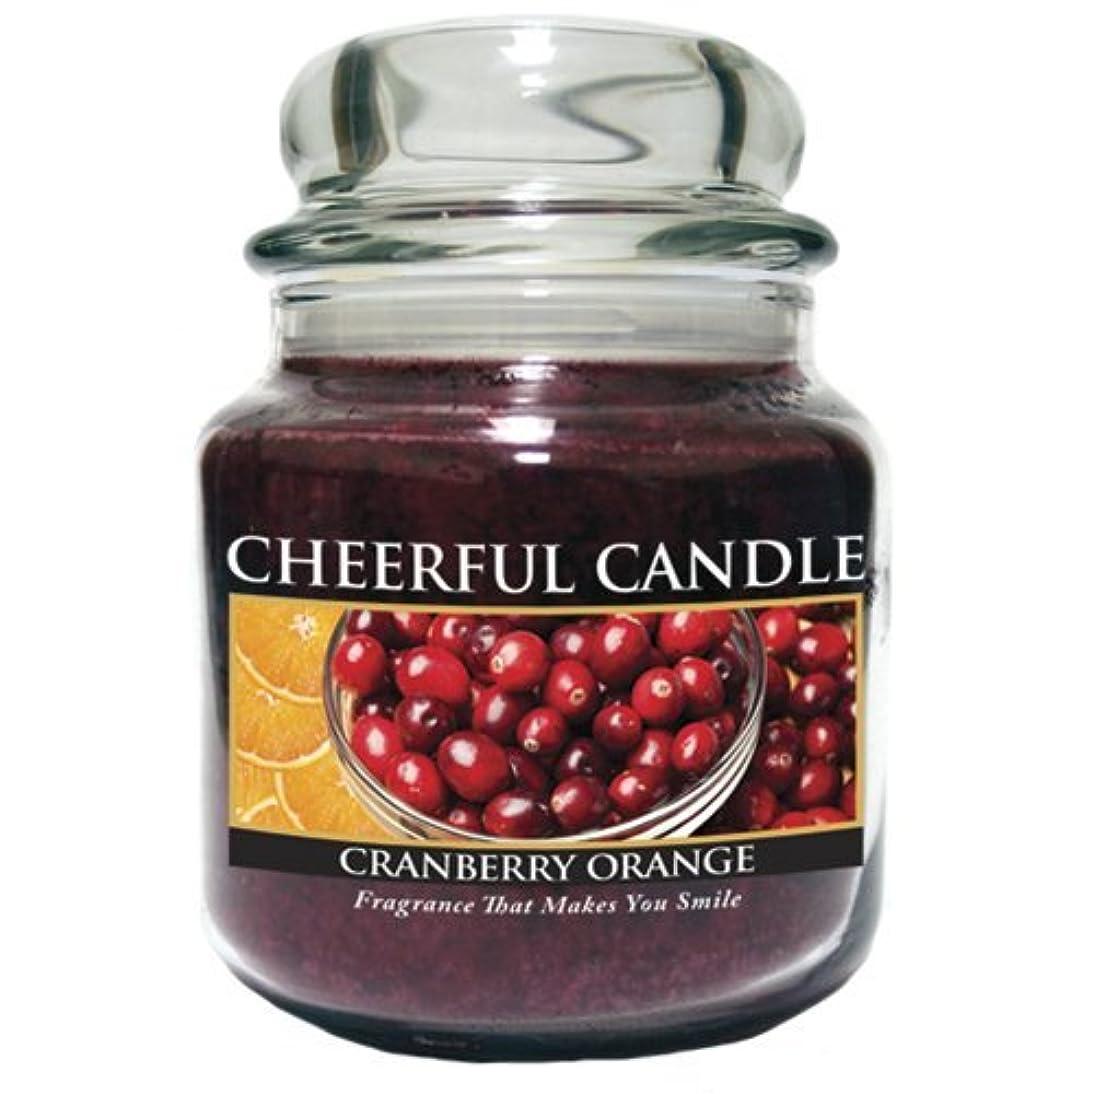 超える無視する酸素A Cheerful Giver Cranberry Orange Jar Candle, 24-Ounce by Cheerful Giver [並行輸入品]